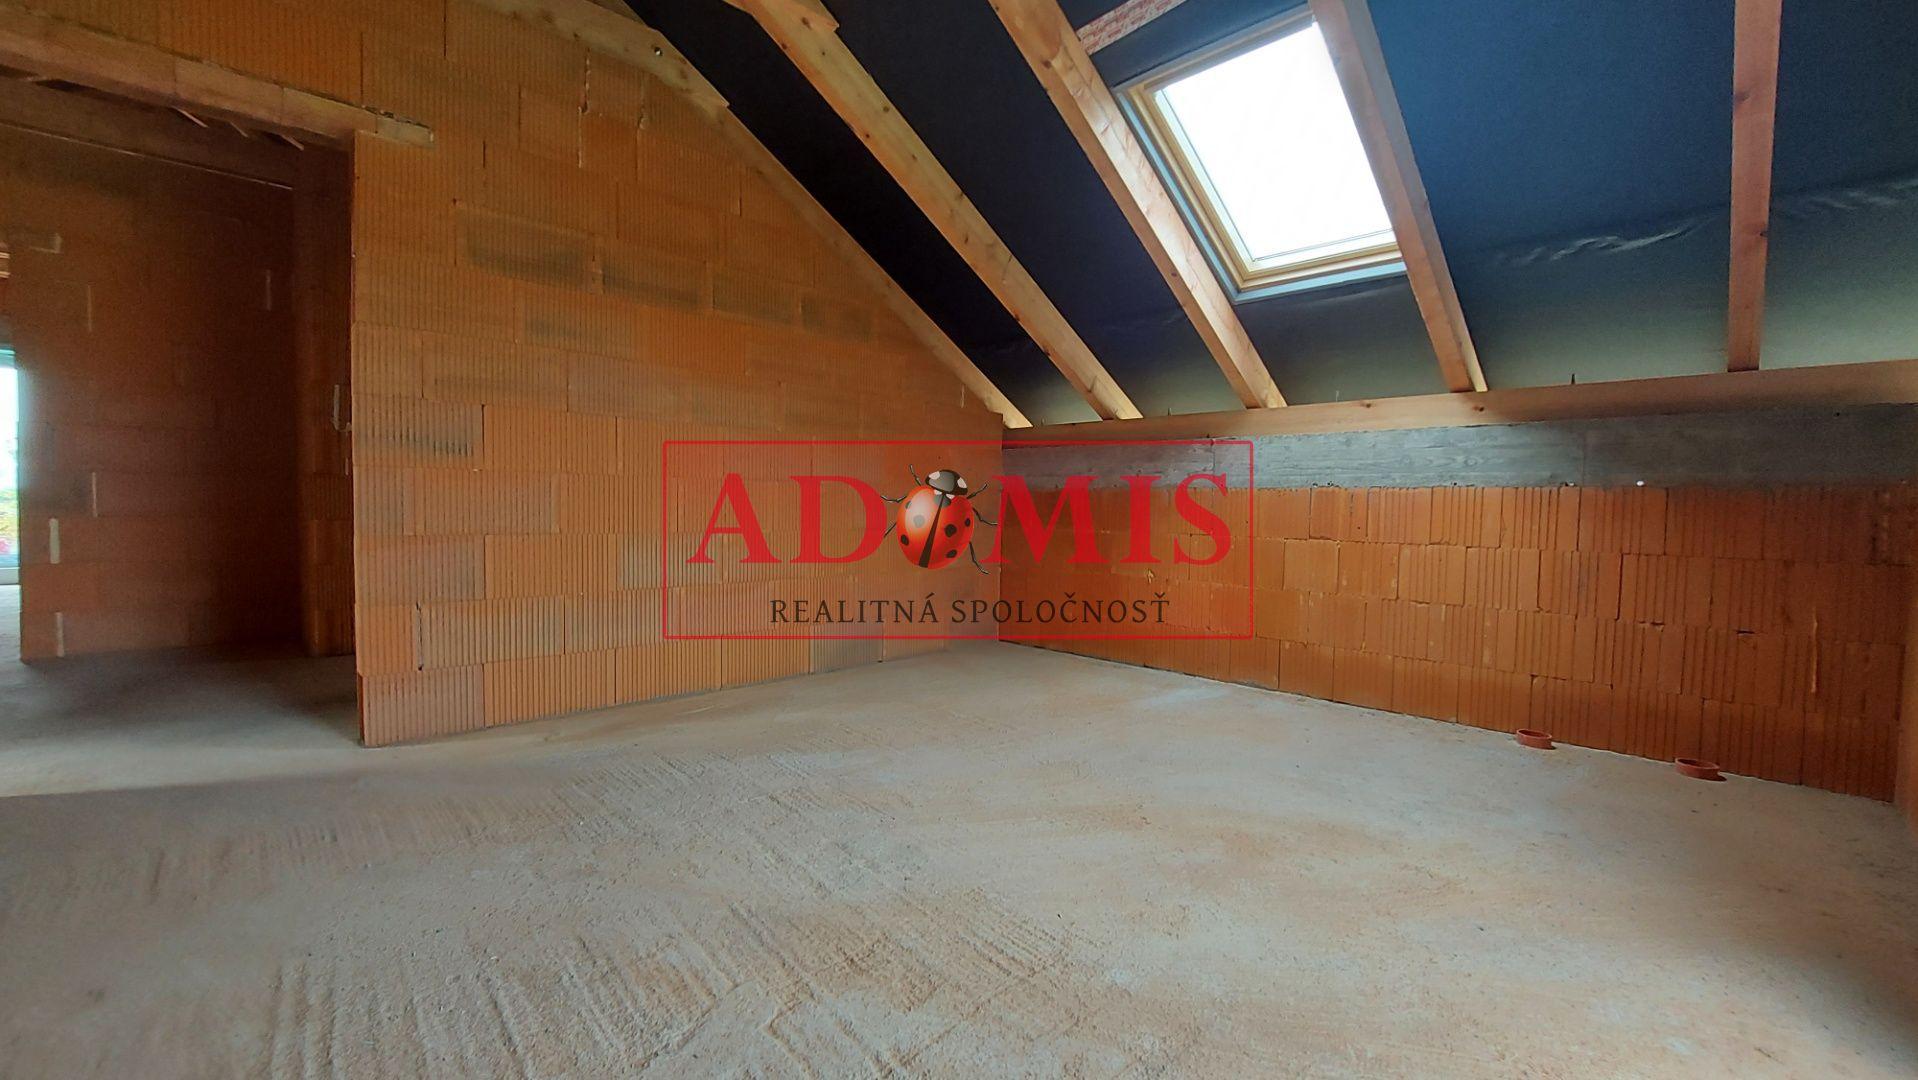 ADOMIS - Predám 5-izbová nadštandardná NOVOSTAVBA, Čaňa, jazero TAJVAN, iba 13km od mosta VSS, 2-podlažná, 3xkúpeľňa, 2xbalkón, pozemok 600m2, tichá l